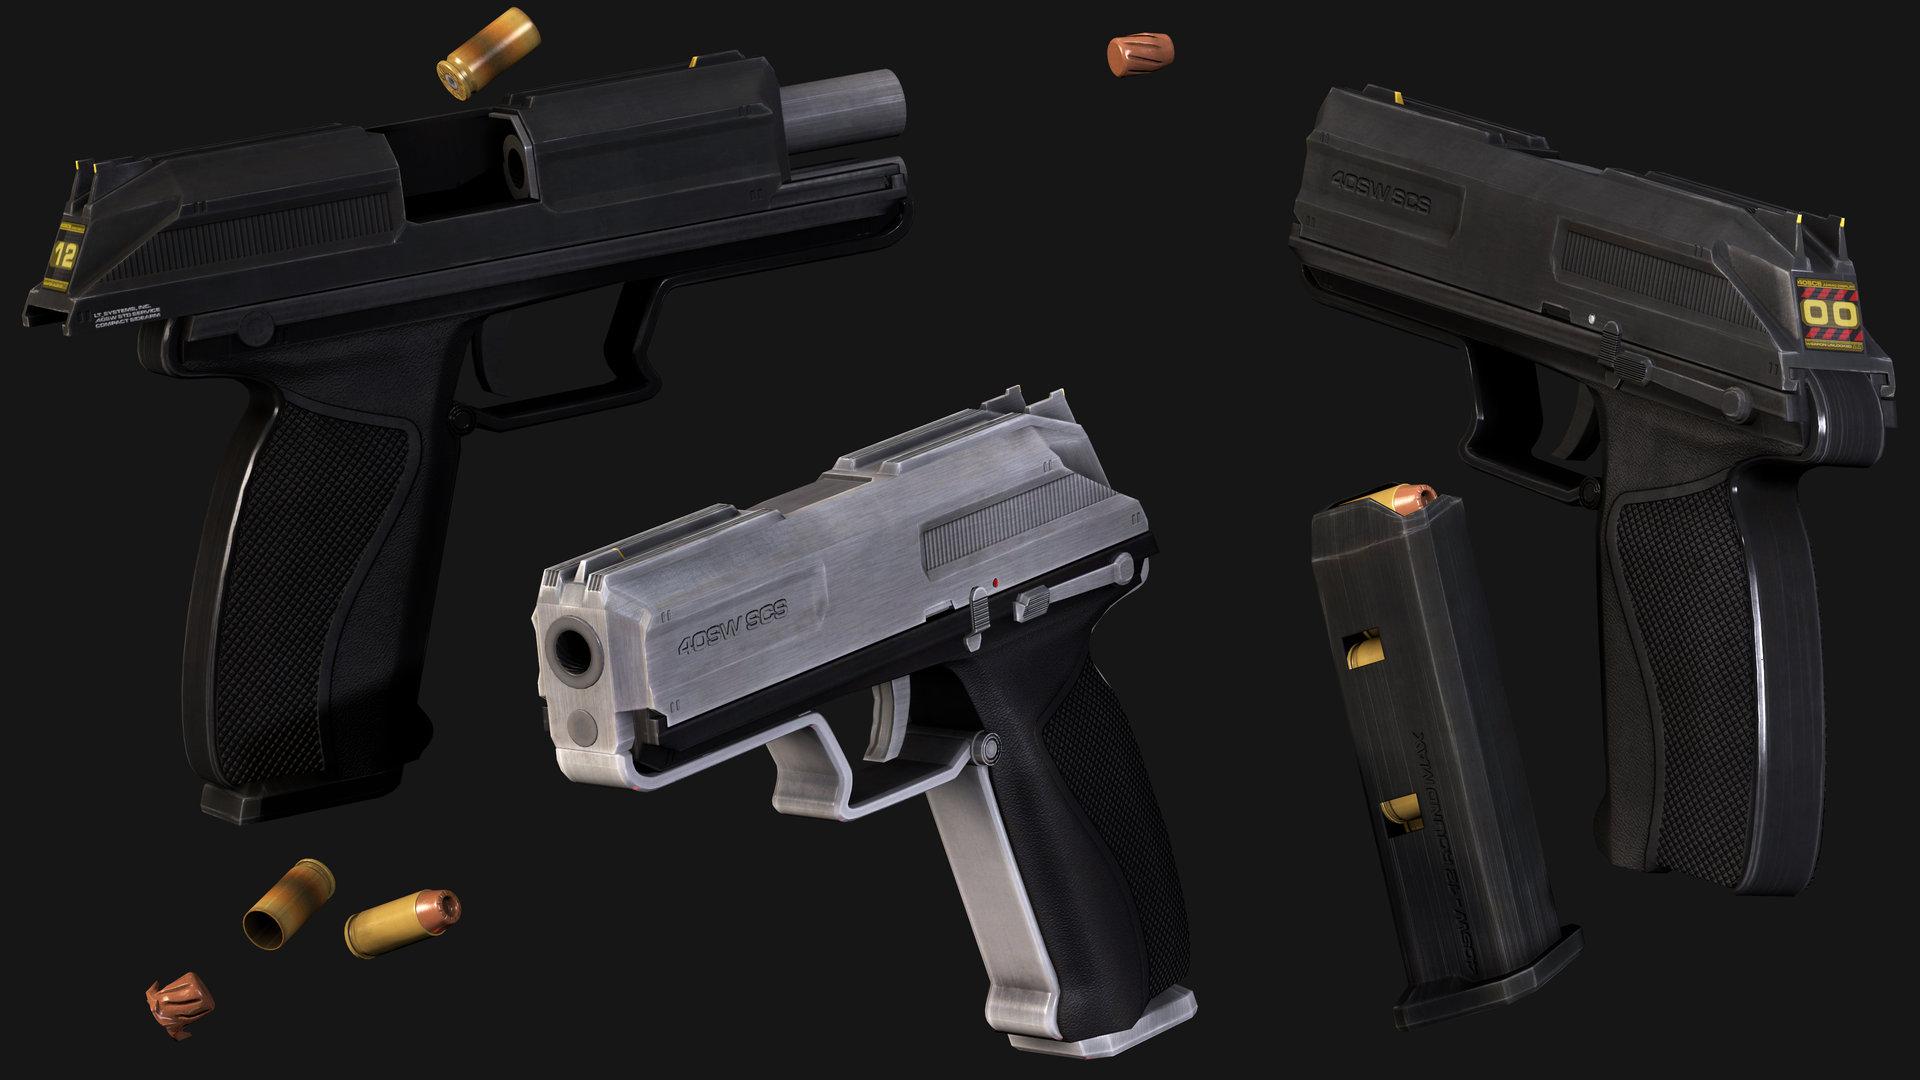 40sw pistol a